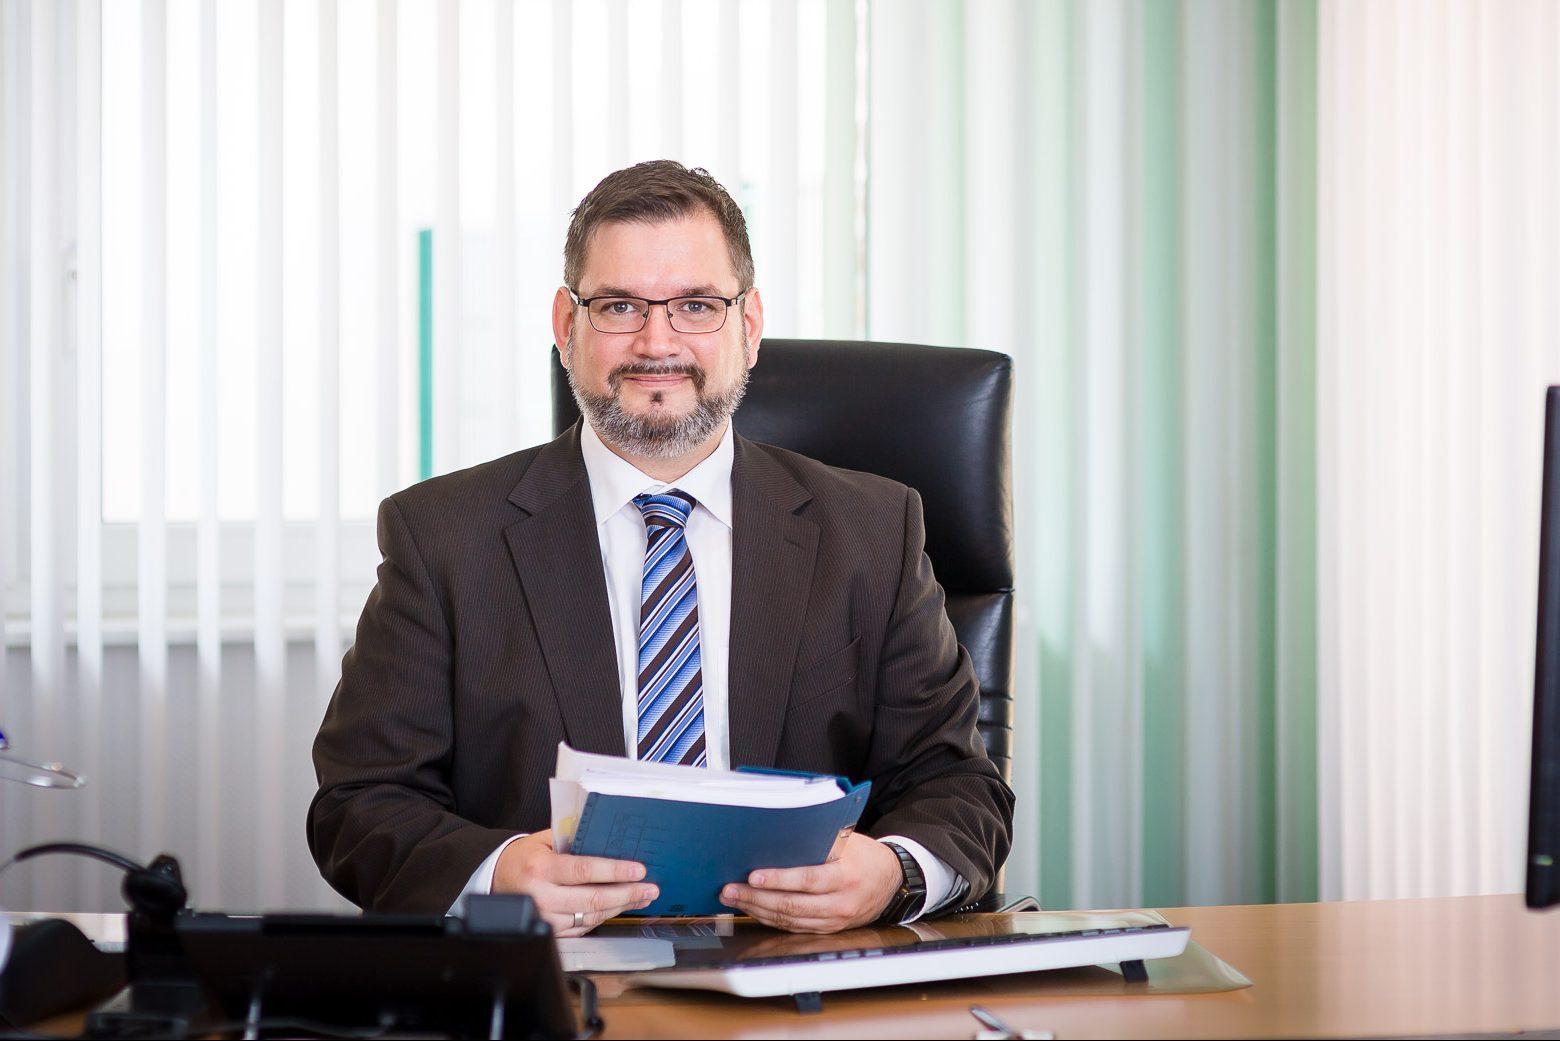 Keine Angst vor der Steuer mit ihrem kompetenten Steuerberater Stefan Buchholz